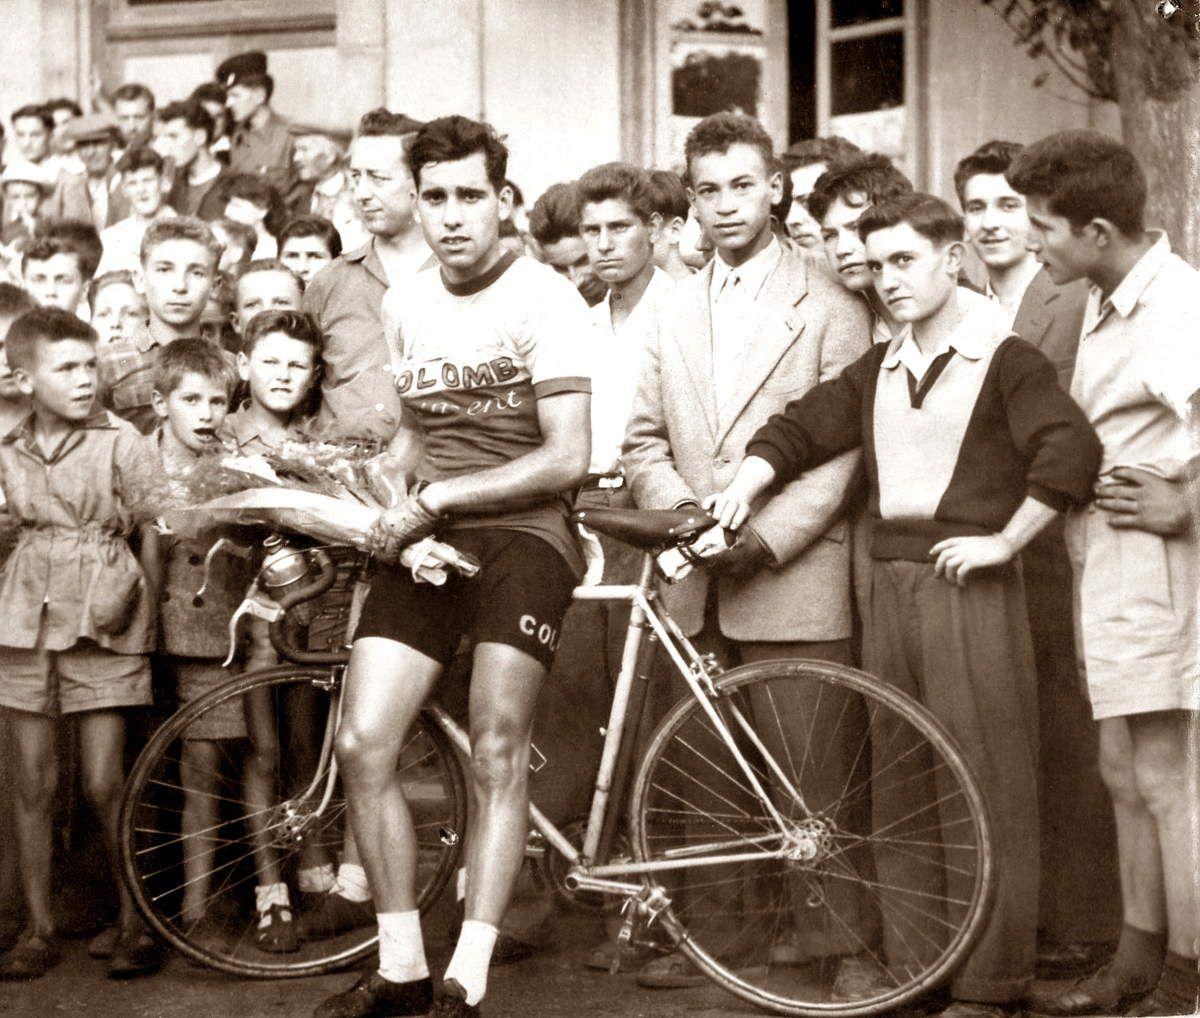 Le 12 novembre 2012, décès de Joaquim ROCA, figure du cyclisme nivernais des années 50.